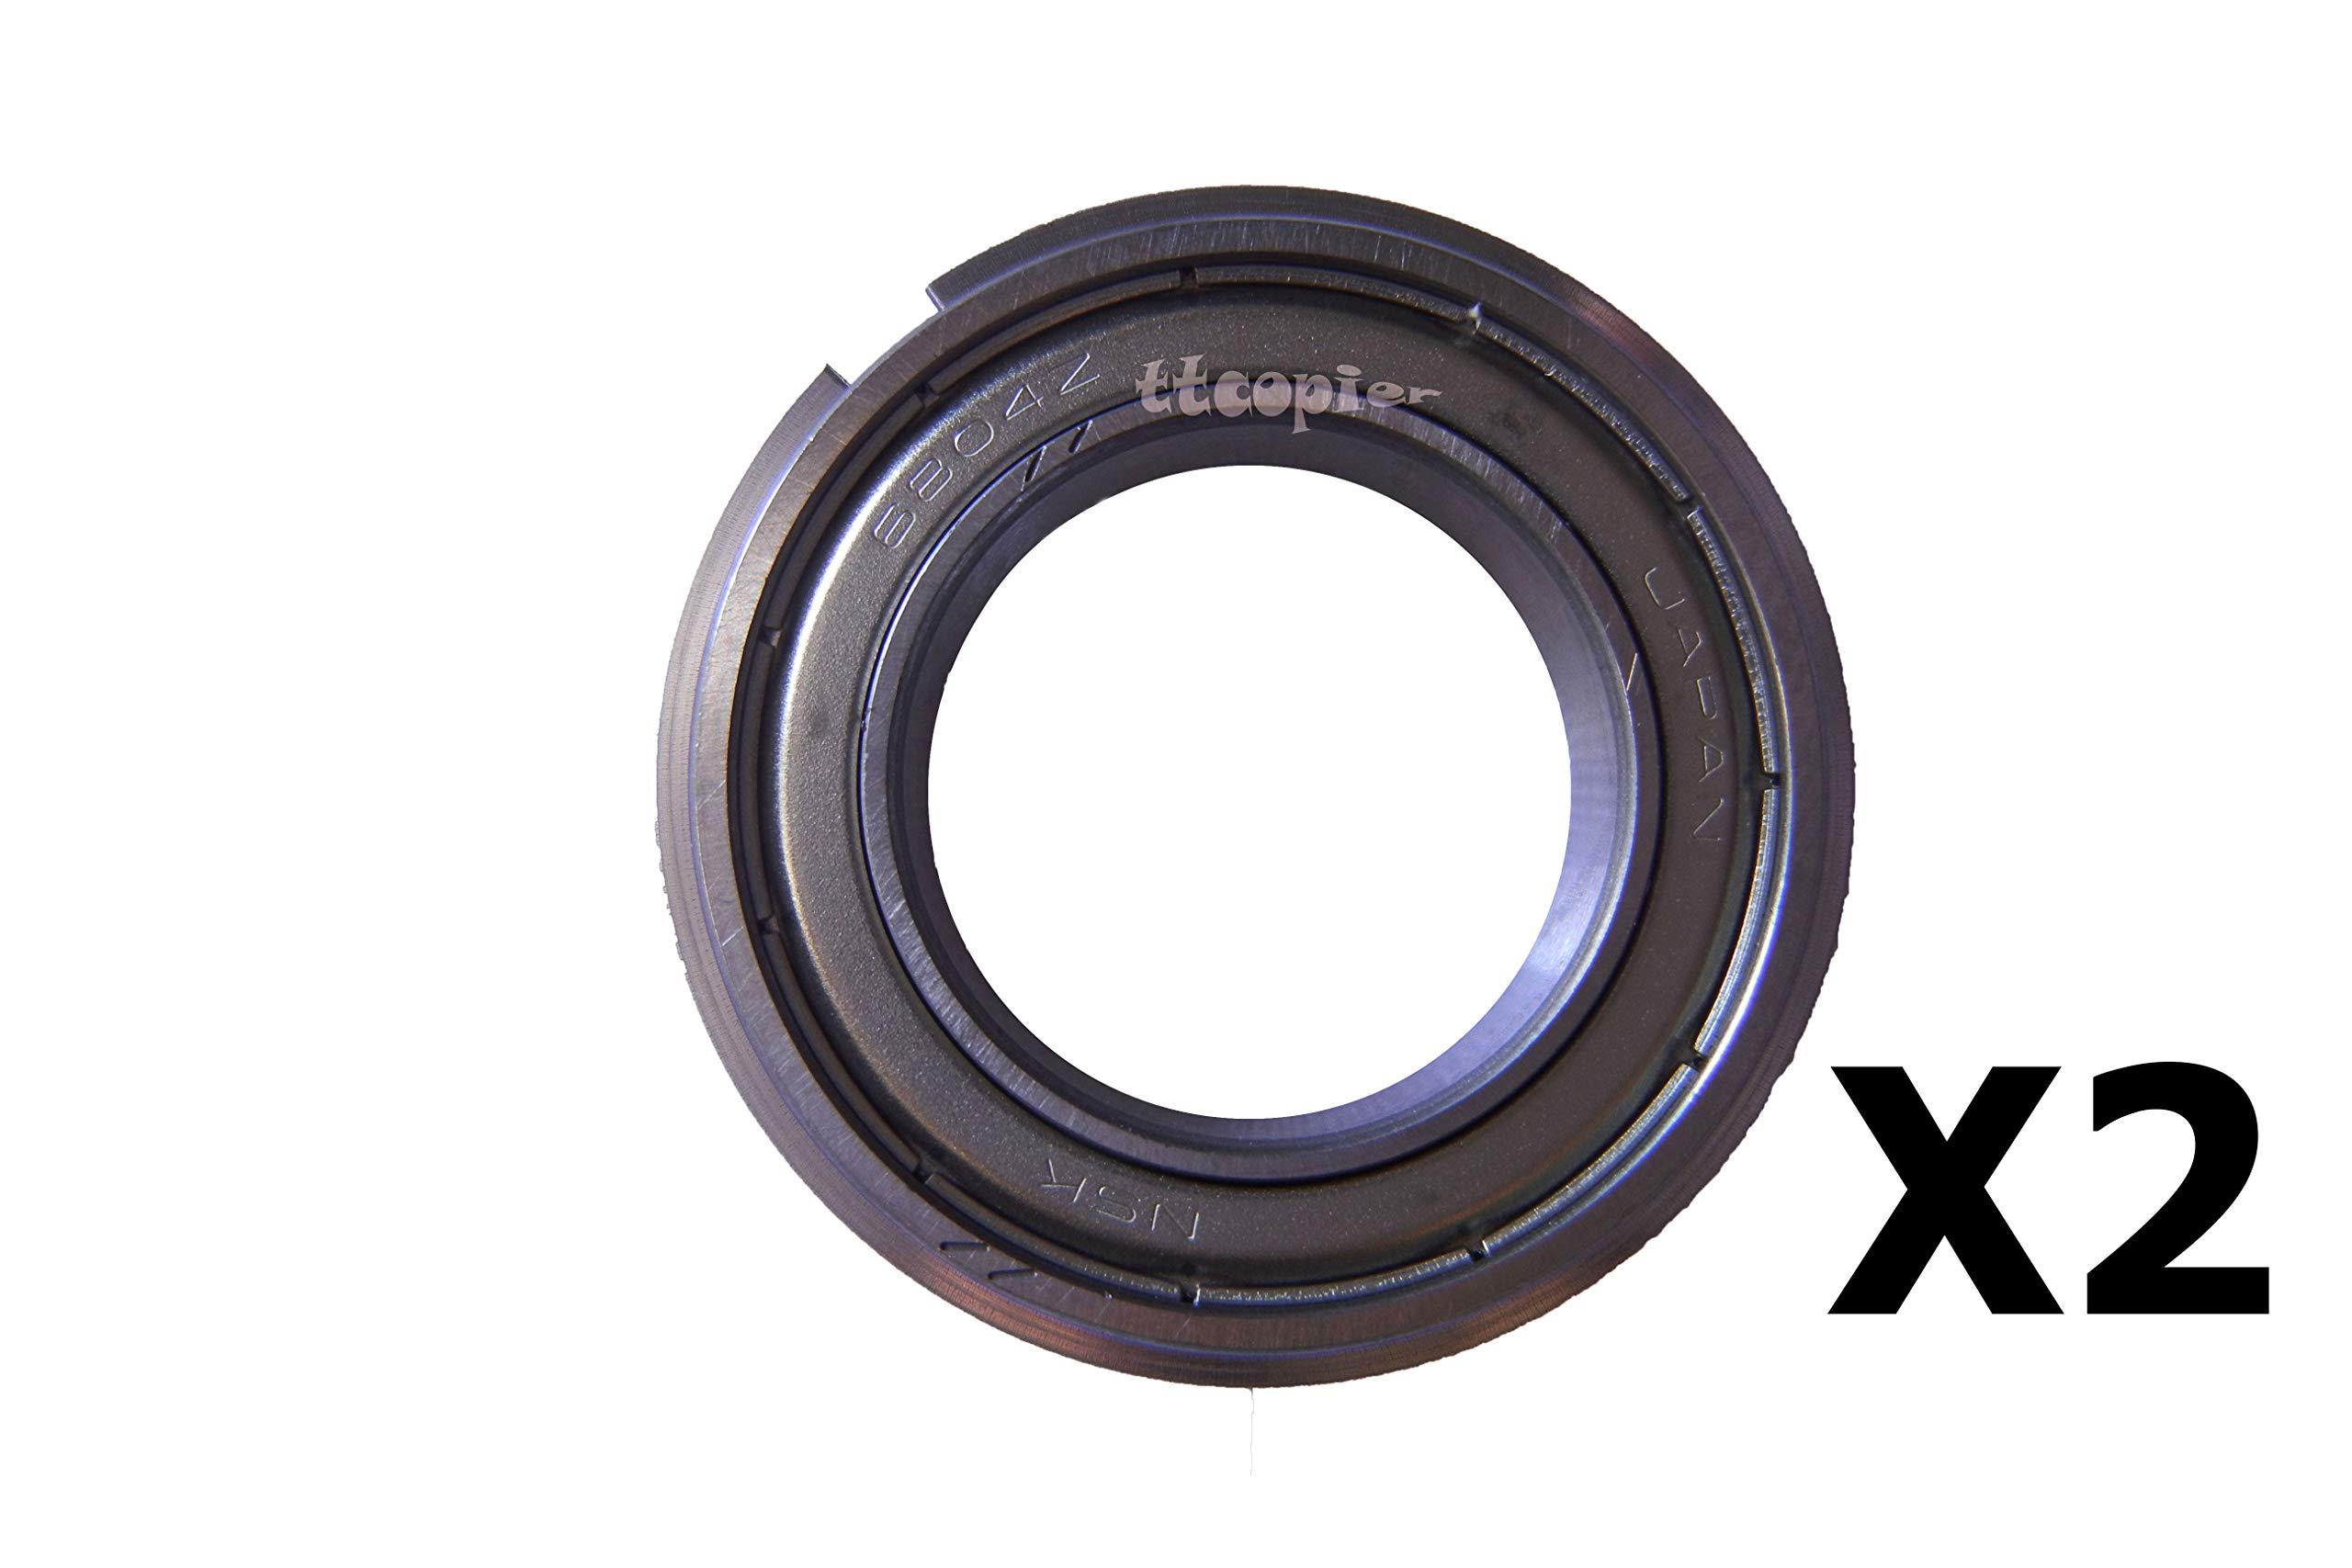 OEM Lot of 2 A1UD723500 Fusing Bearing Upper for Bizhub Pro C5501